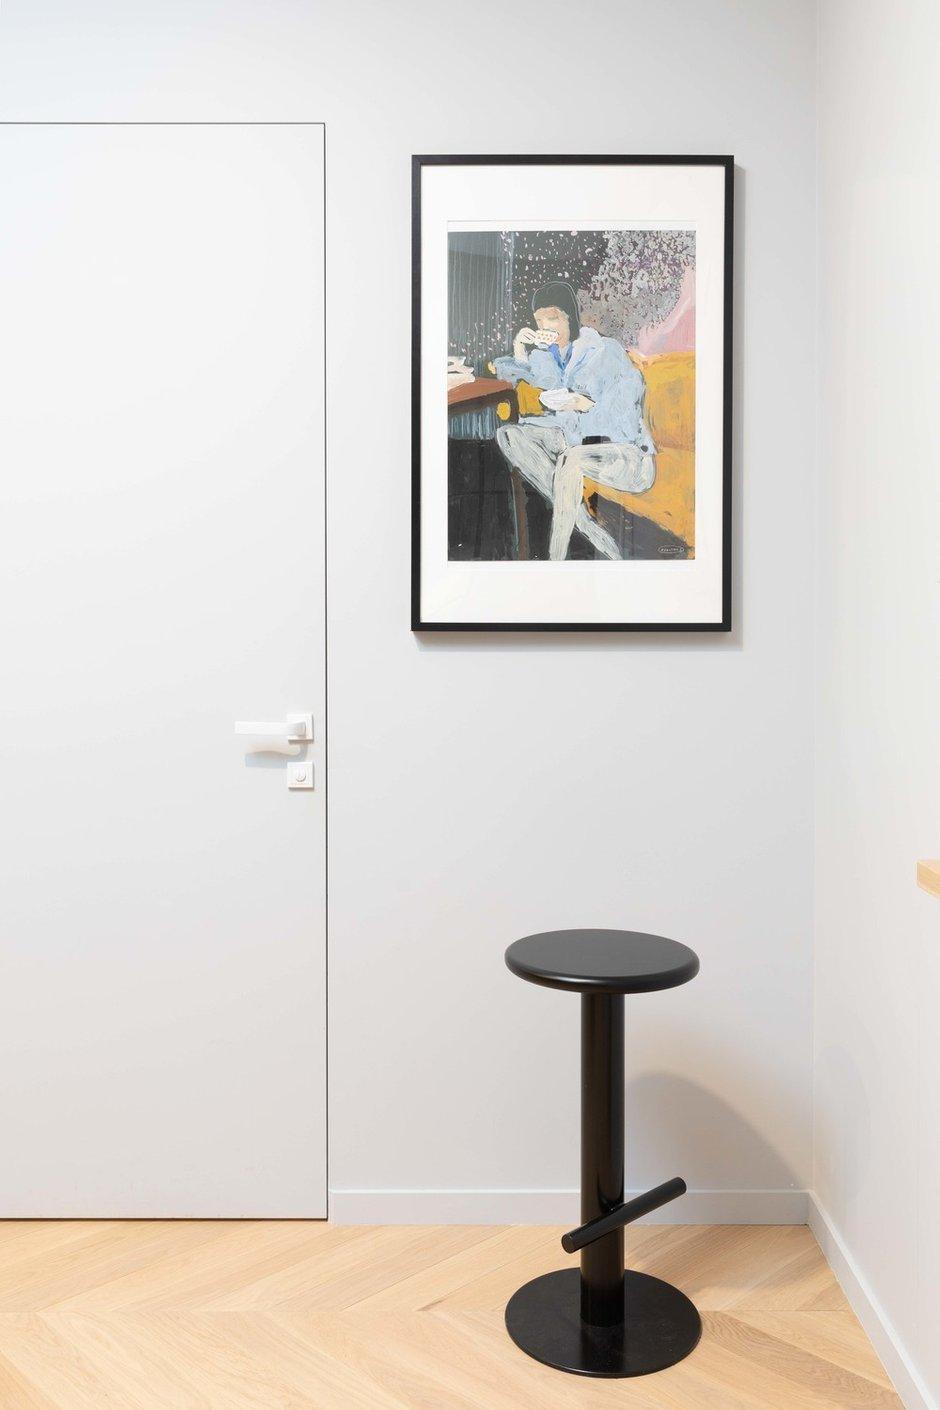 Отдельным и важным украшением квартиры стали работы современных русских художников: Алексея Яковлева, Алены Раковой (галерея искусства Sample-art.ru ) и Екатерины Осиной.